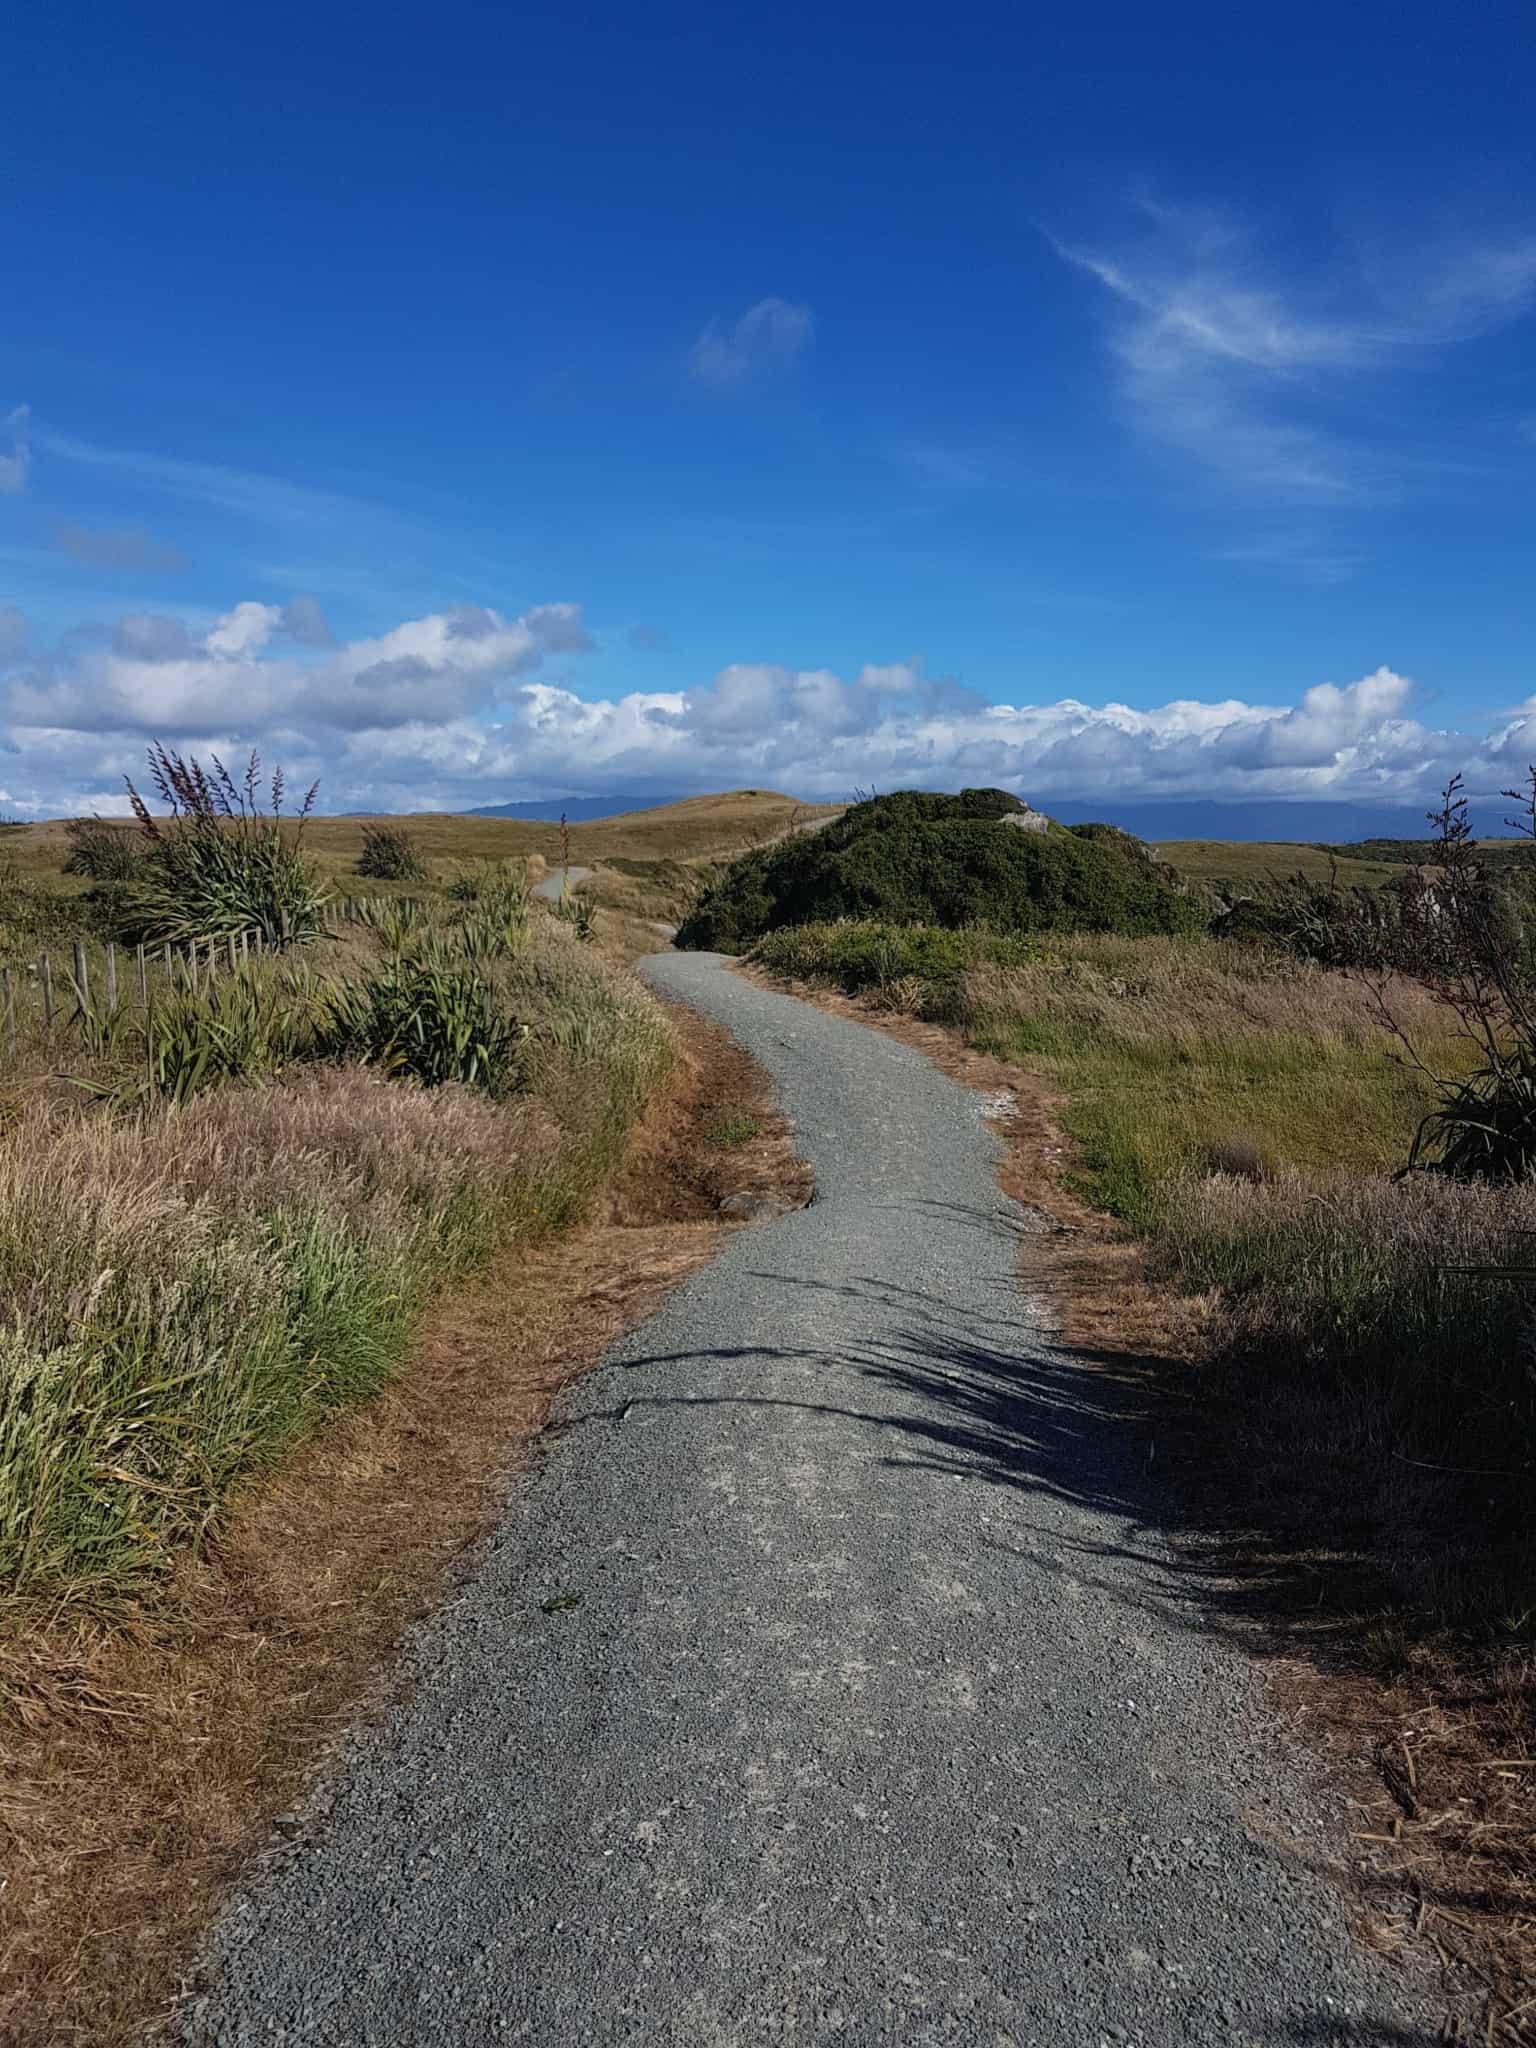 Nouvelle-Zélande, le Cap Foulwind et sa côte sauvage 🌿 12